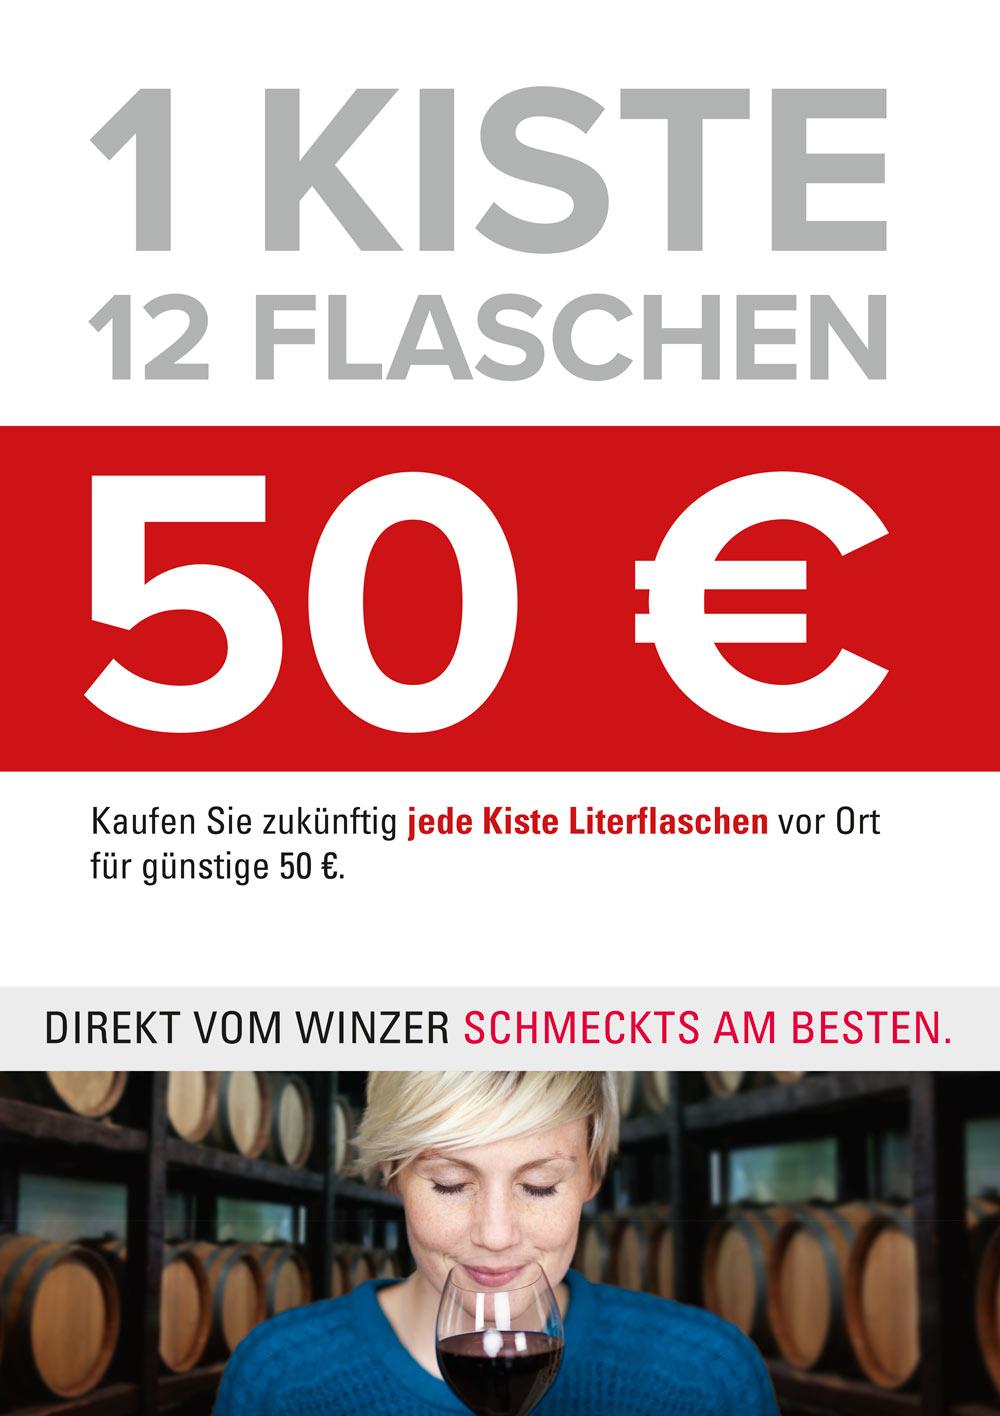 """Featured image for """"Direkt vom Winzer für 50 € die Kiste"""""""